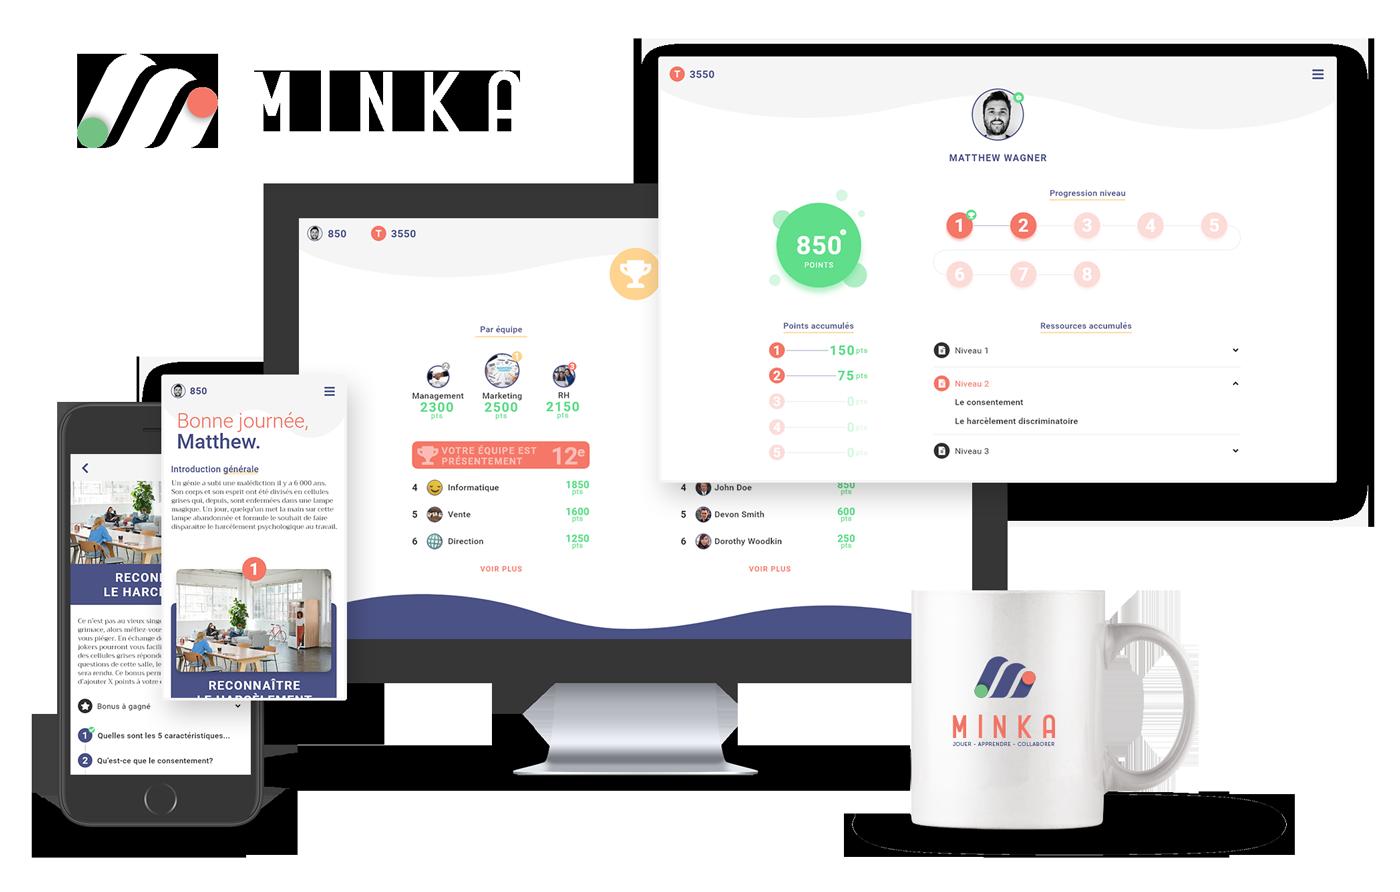 Minka - Plateforme de jeu sérieux